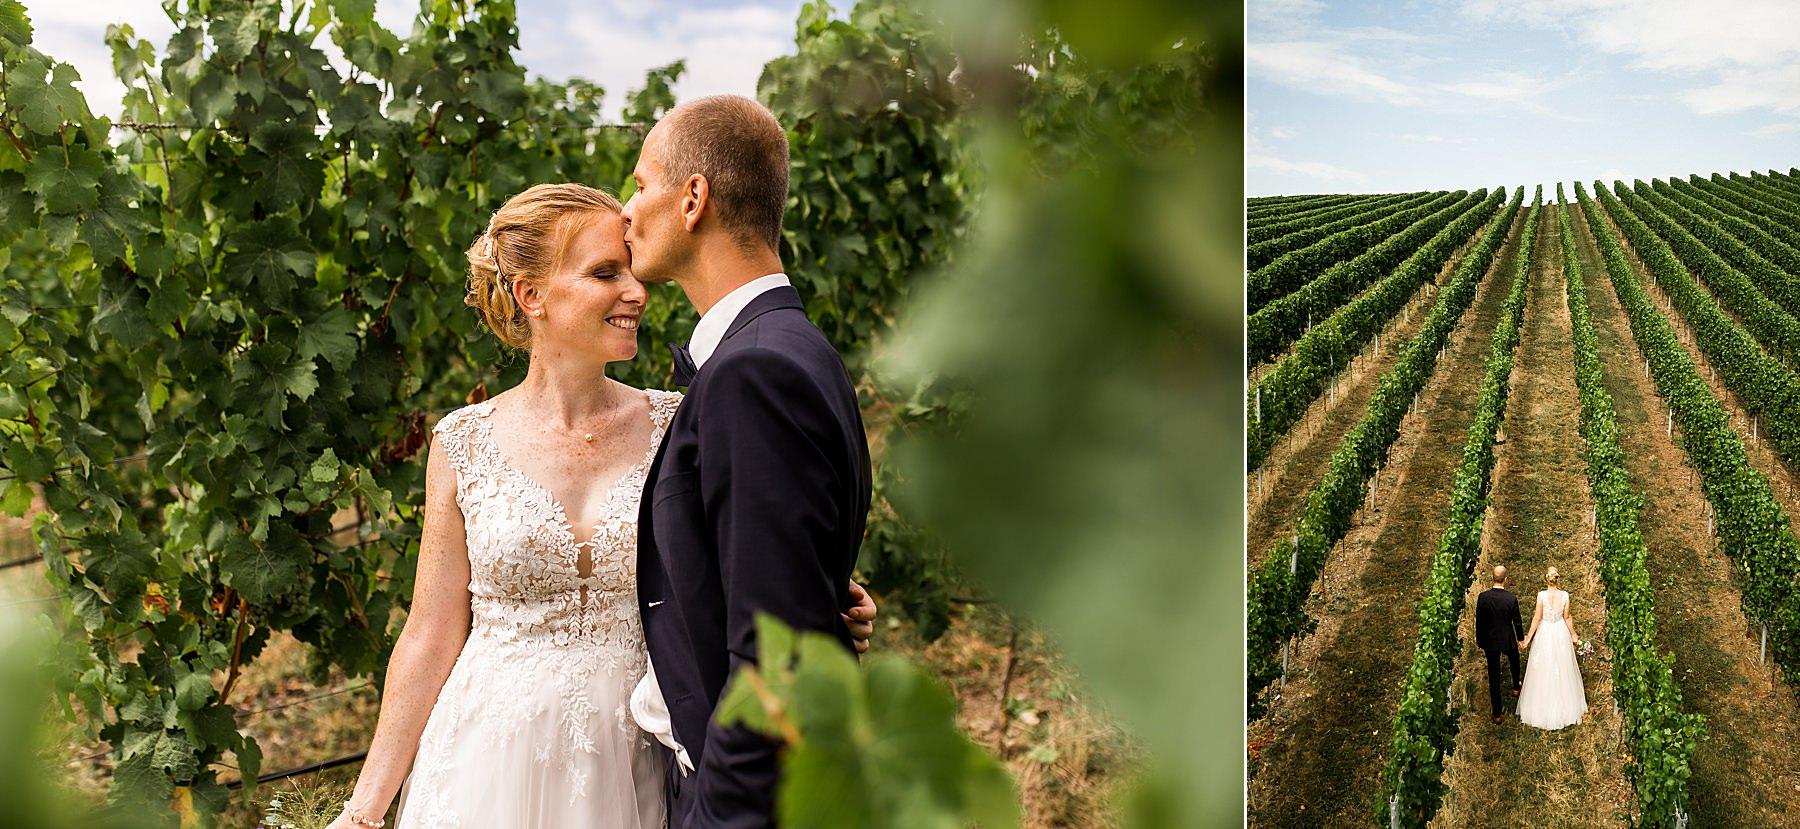 Hochzeitsfotograf Daniela Knipper in heilbronn in den Weinbergen mit Drohne